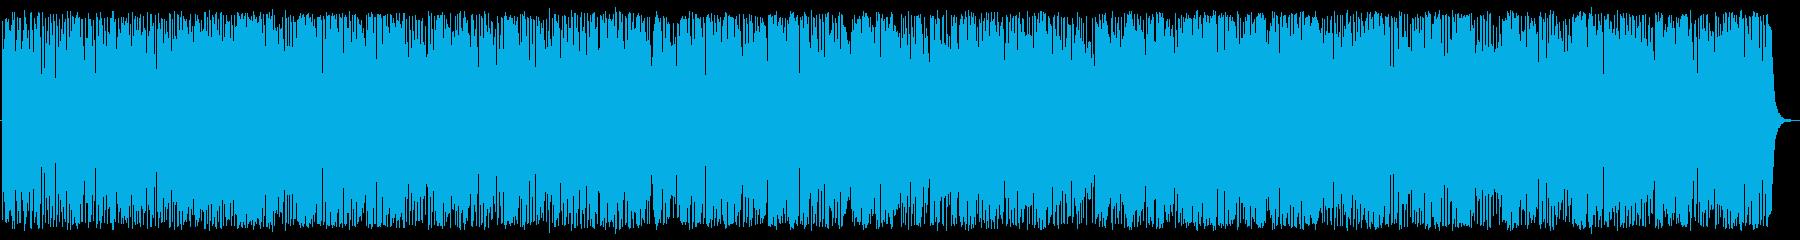 荒野の果てに(acoustic)の再生済みの波形